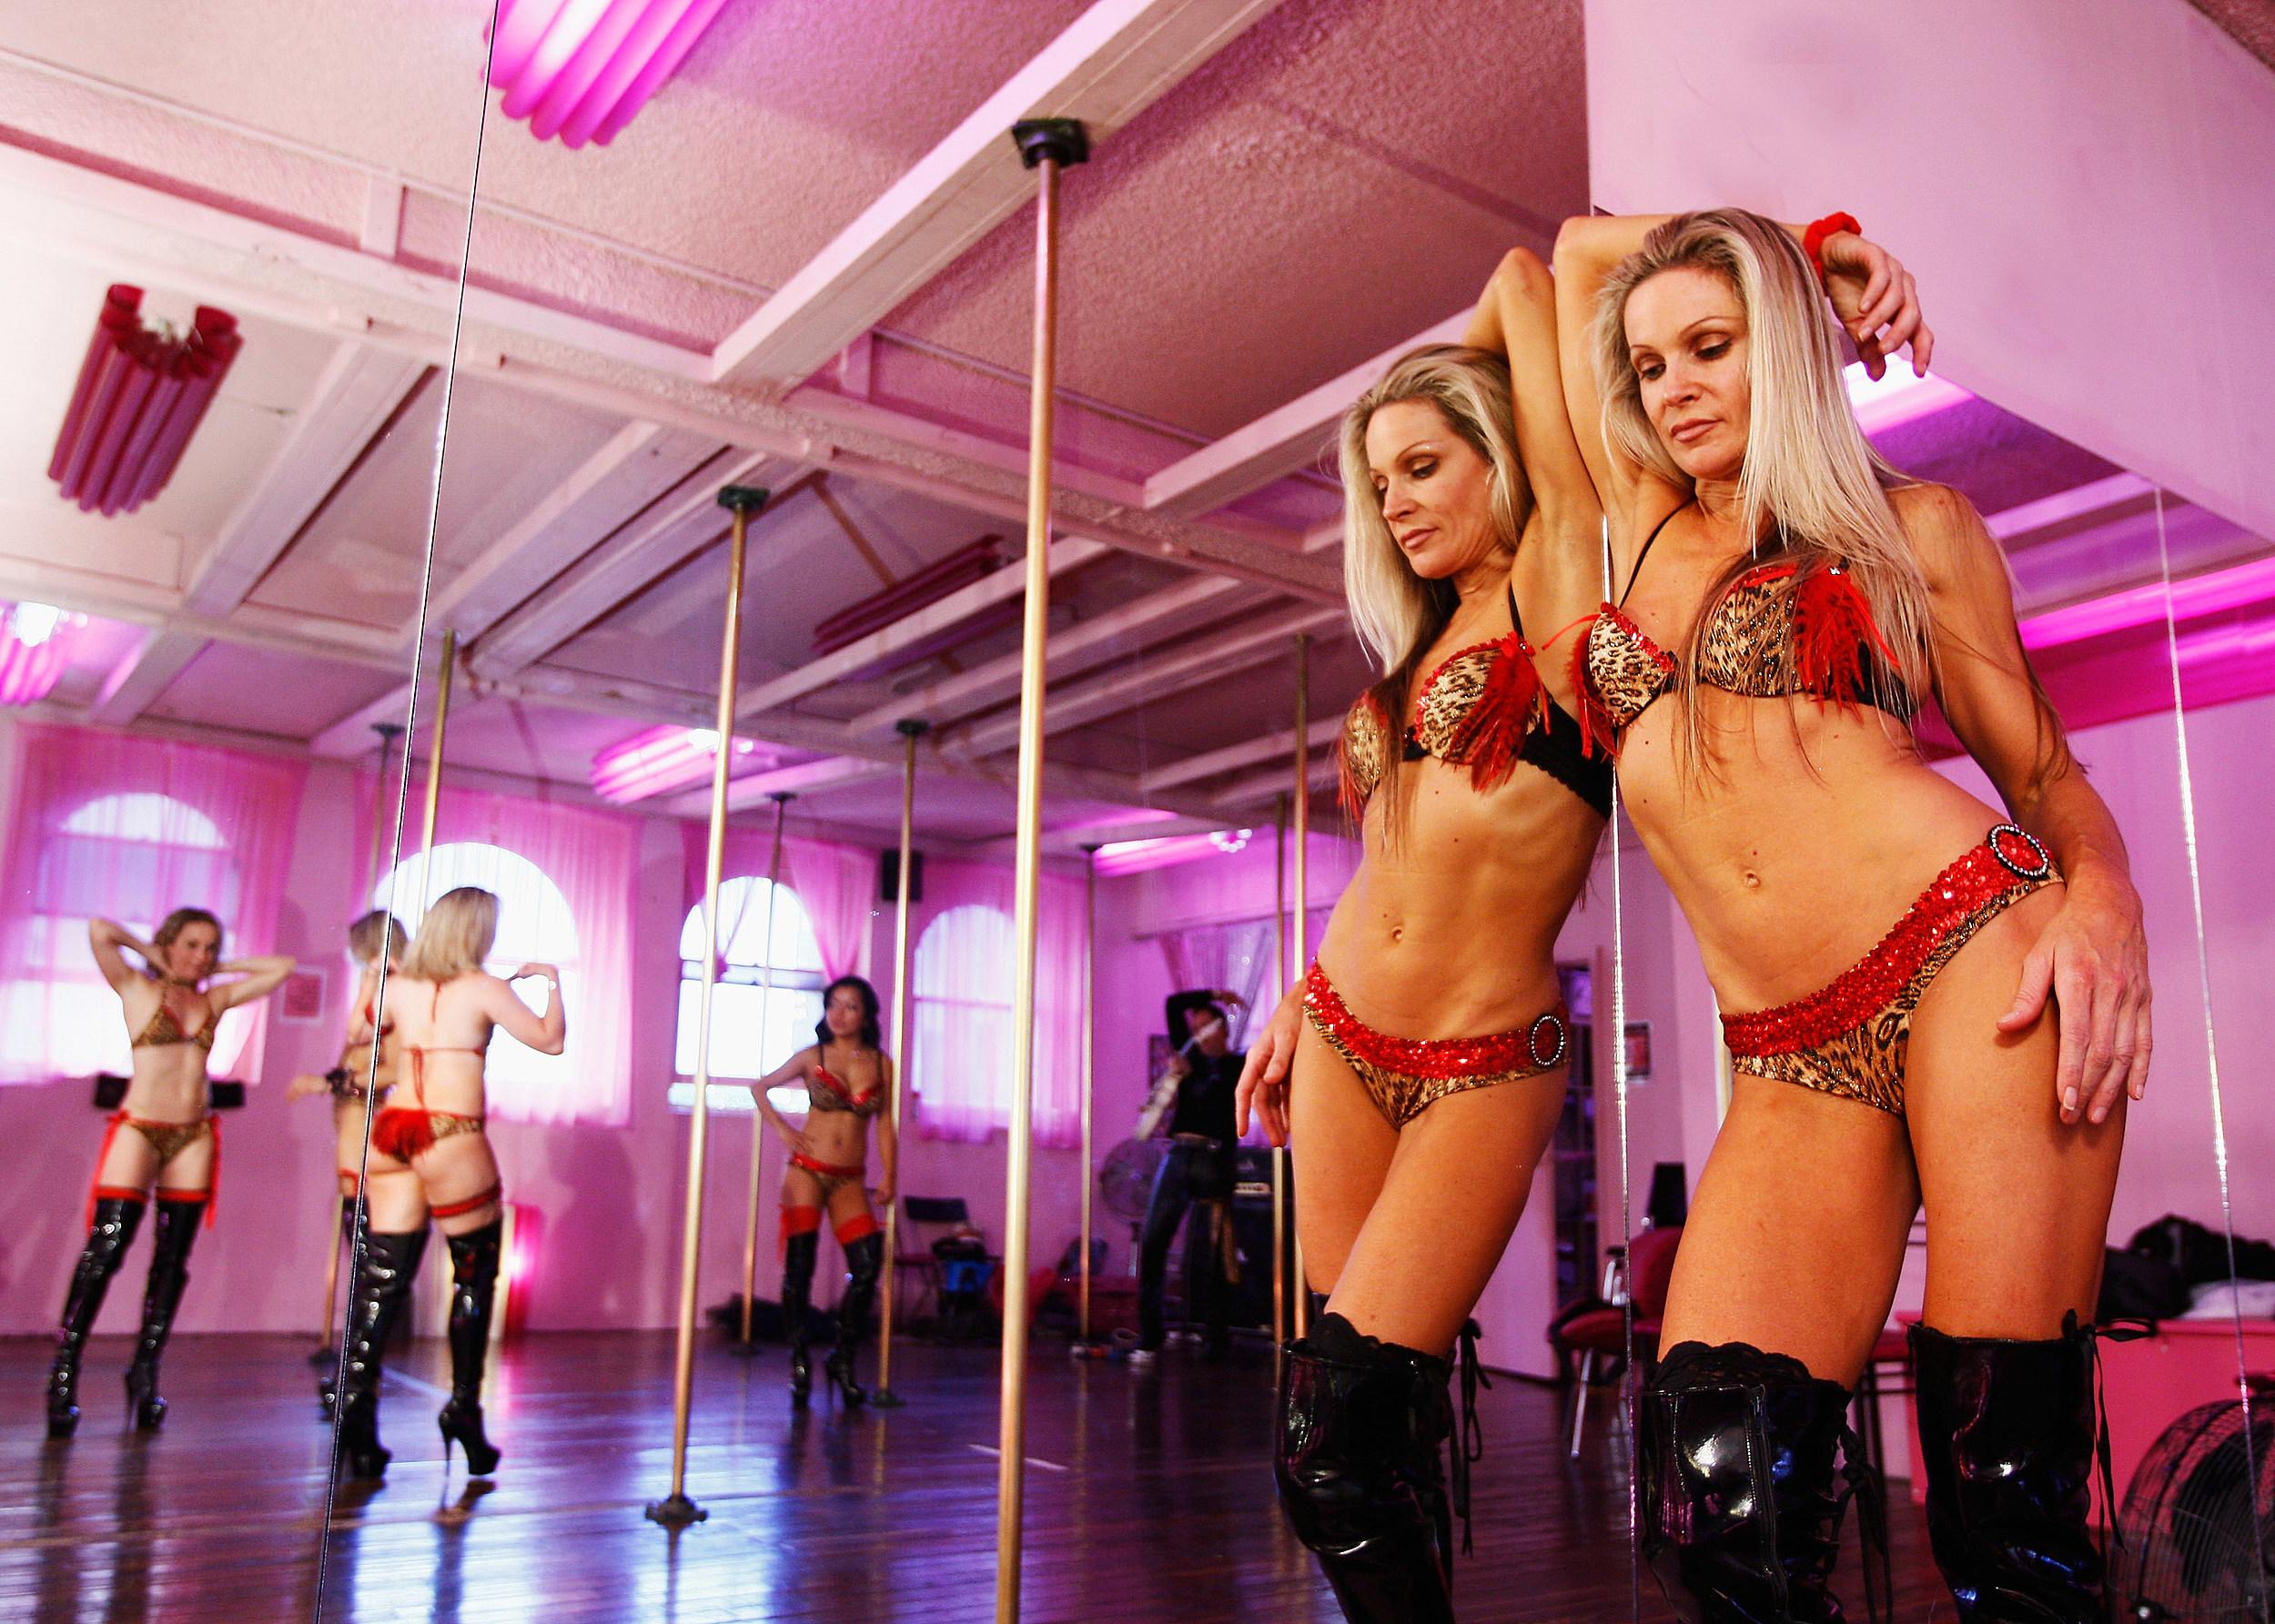 Nite moves strip club think, that